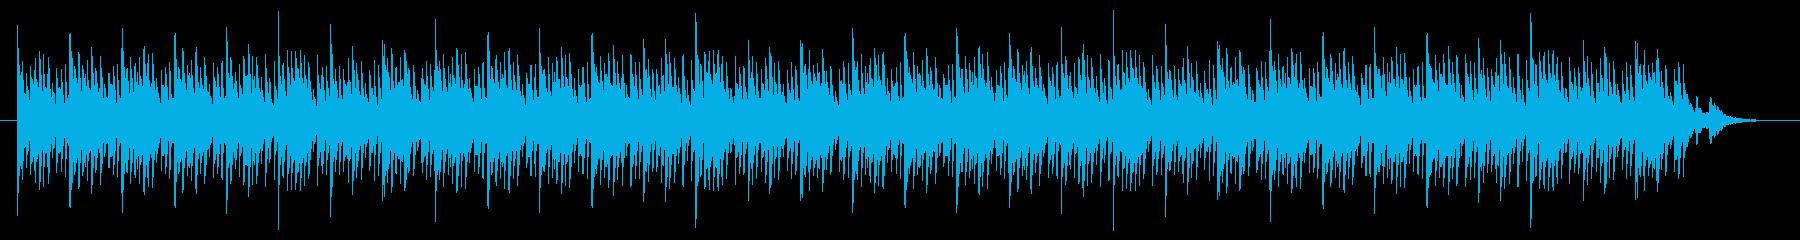 不気味・不穏なBGMの再生済みの波形